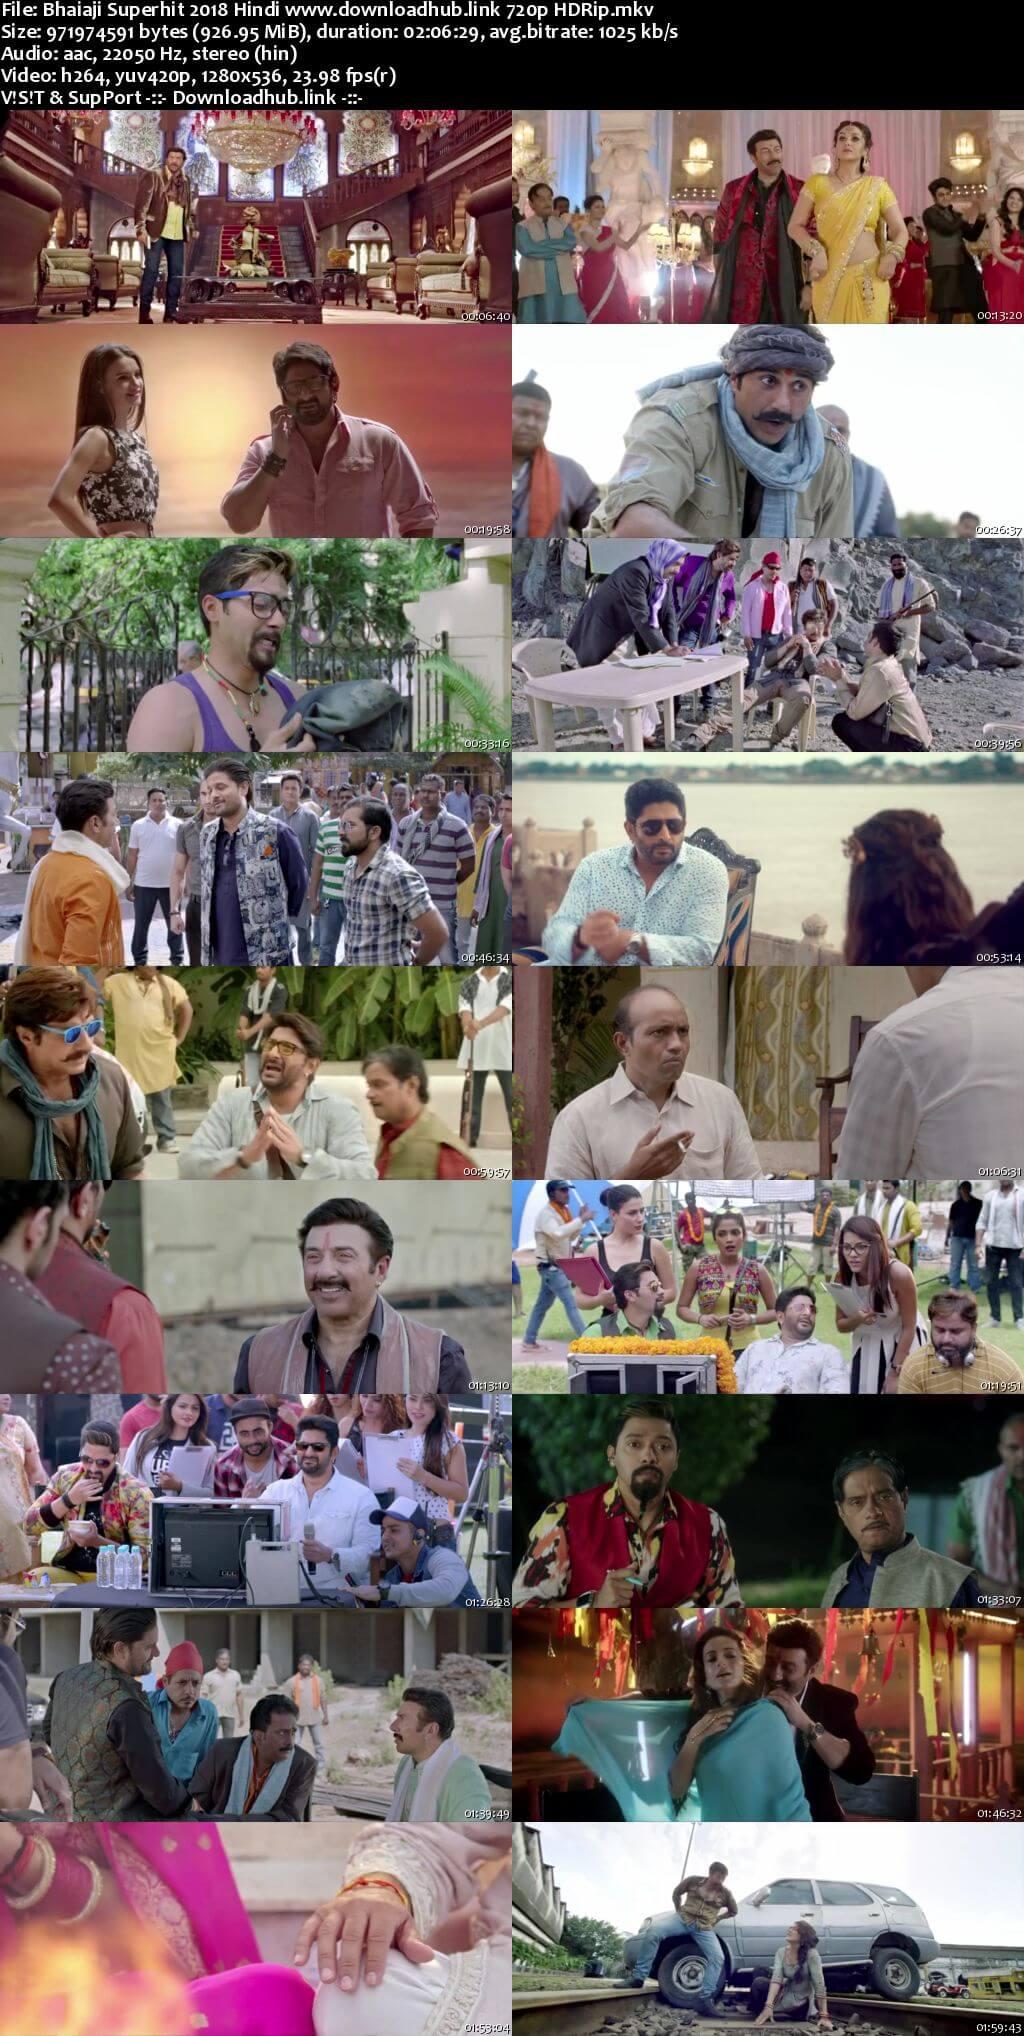 Bhaiaji Superhit 2018 Hindi 720p HDRip x264